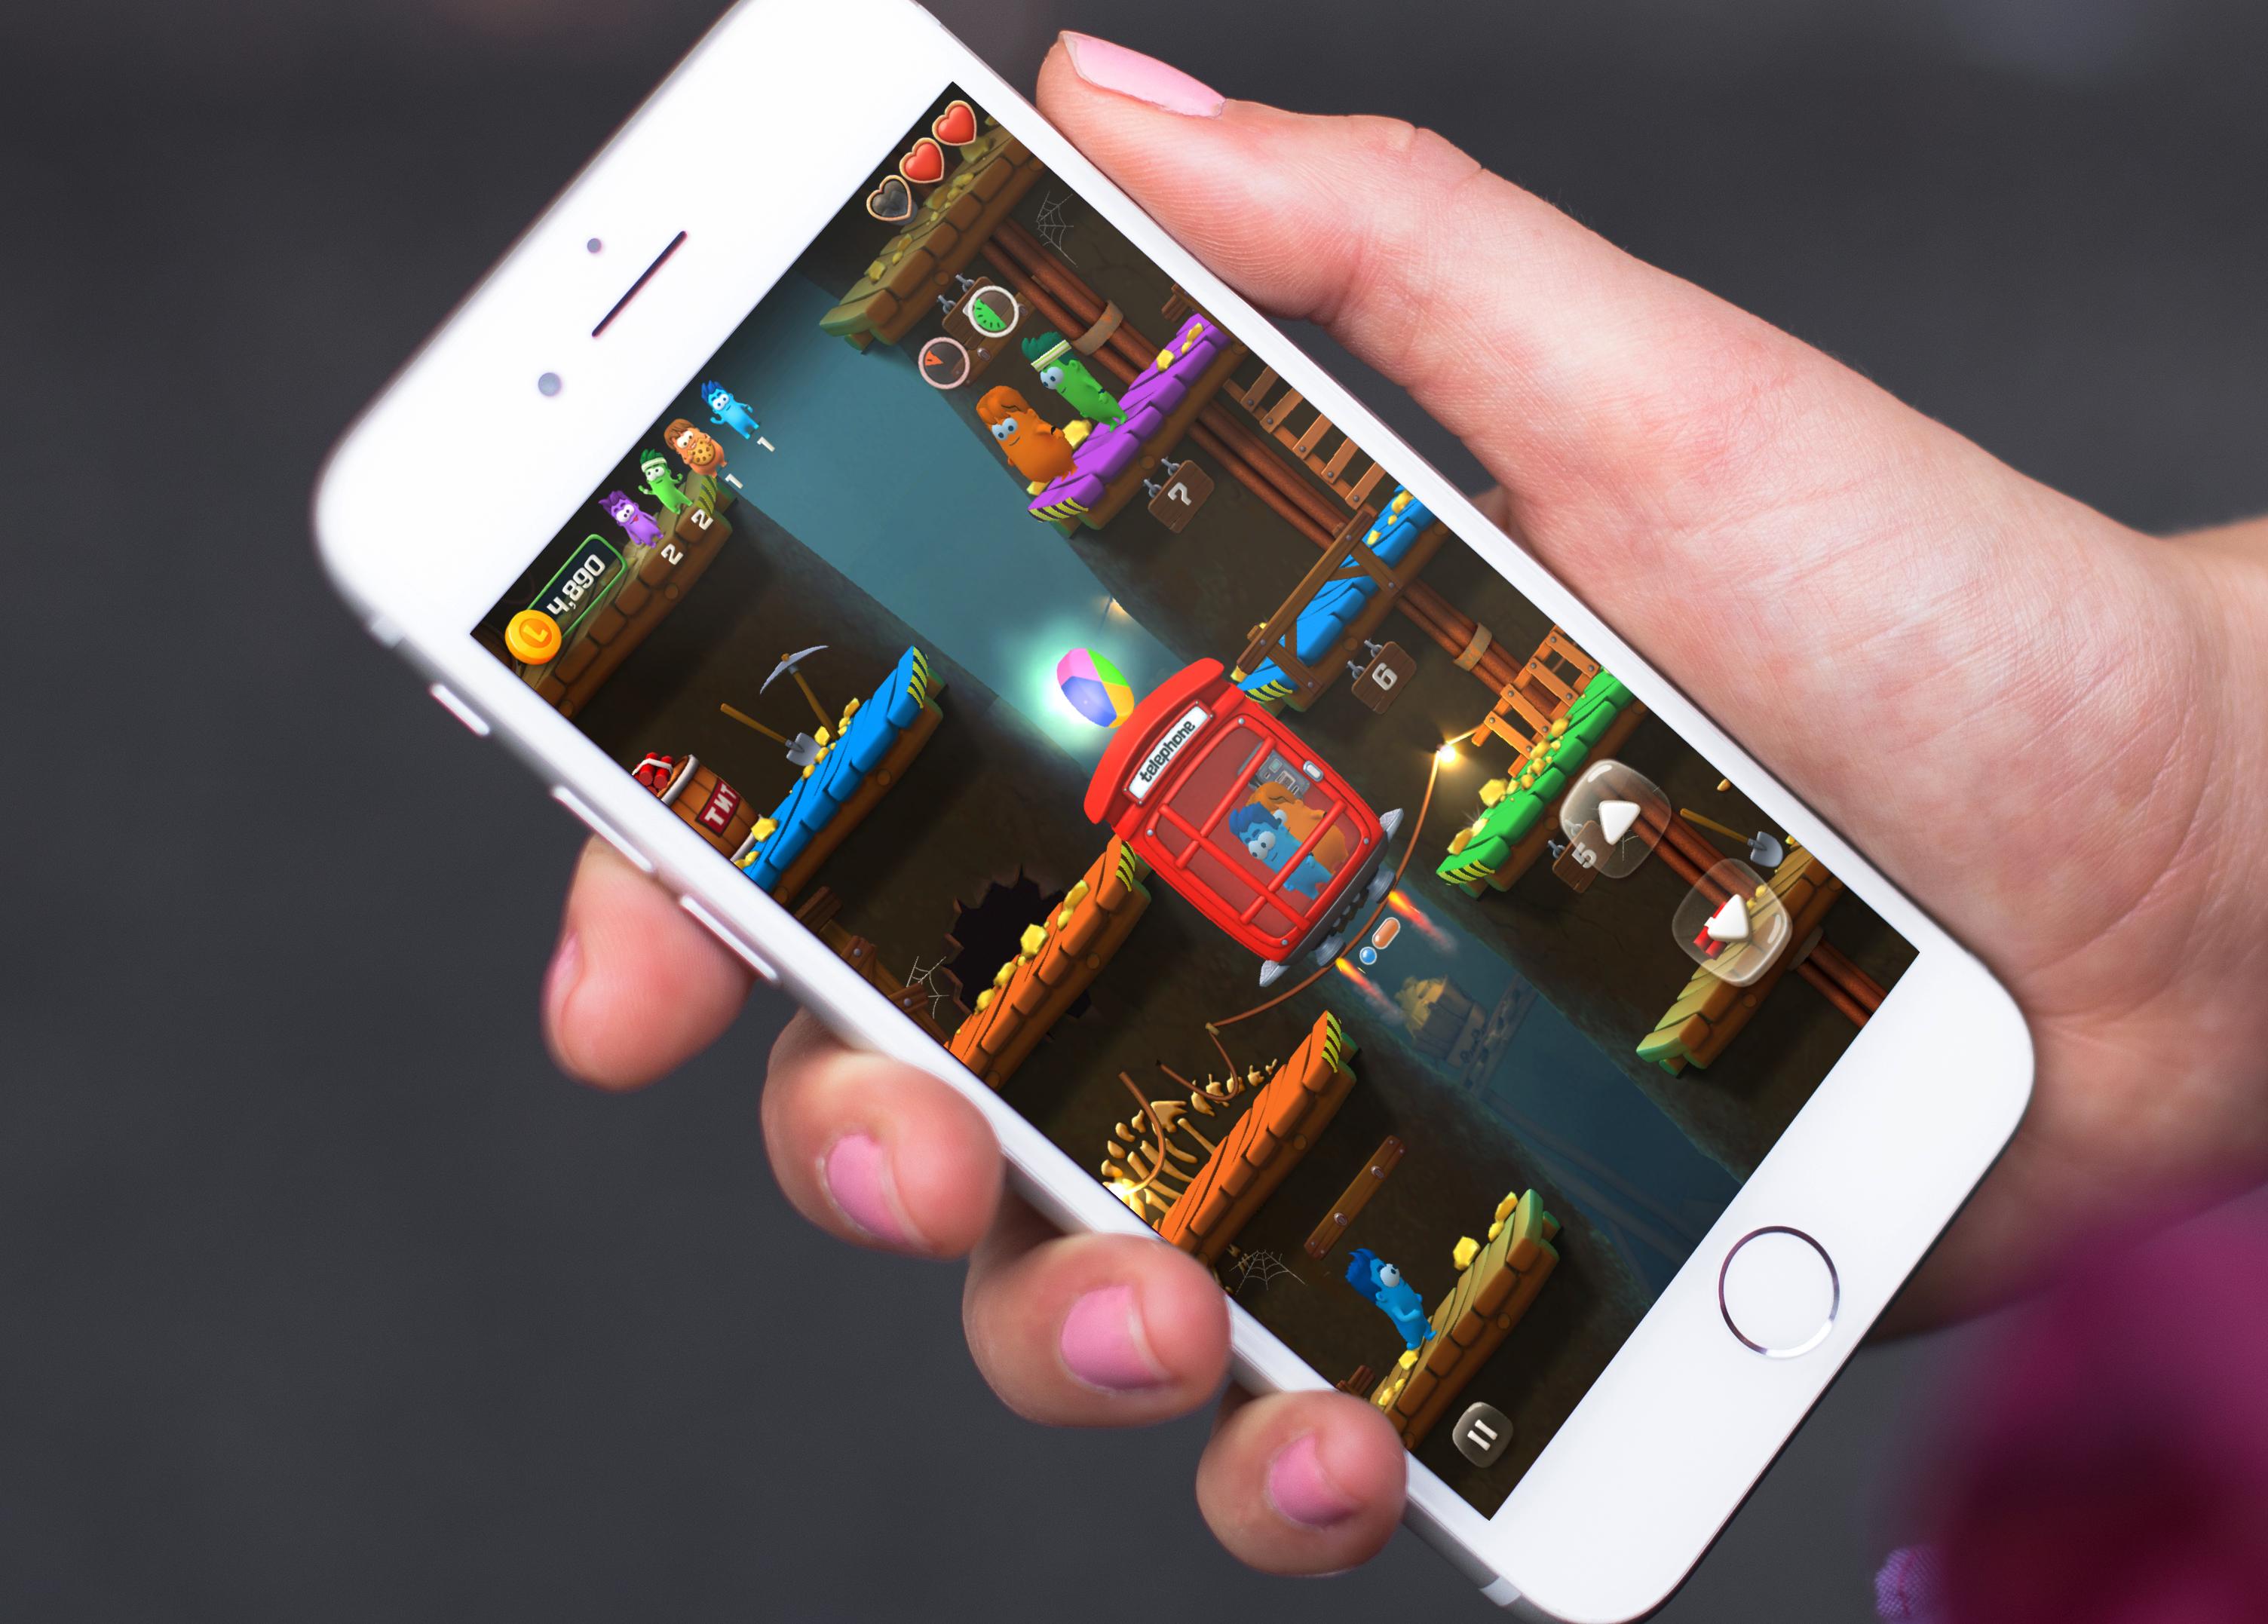 Lifty! : ambiance colorée, explosions et ascenseurs dans un nouveau jeu iPhone/iPad (MàJ) 1